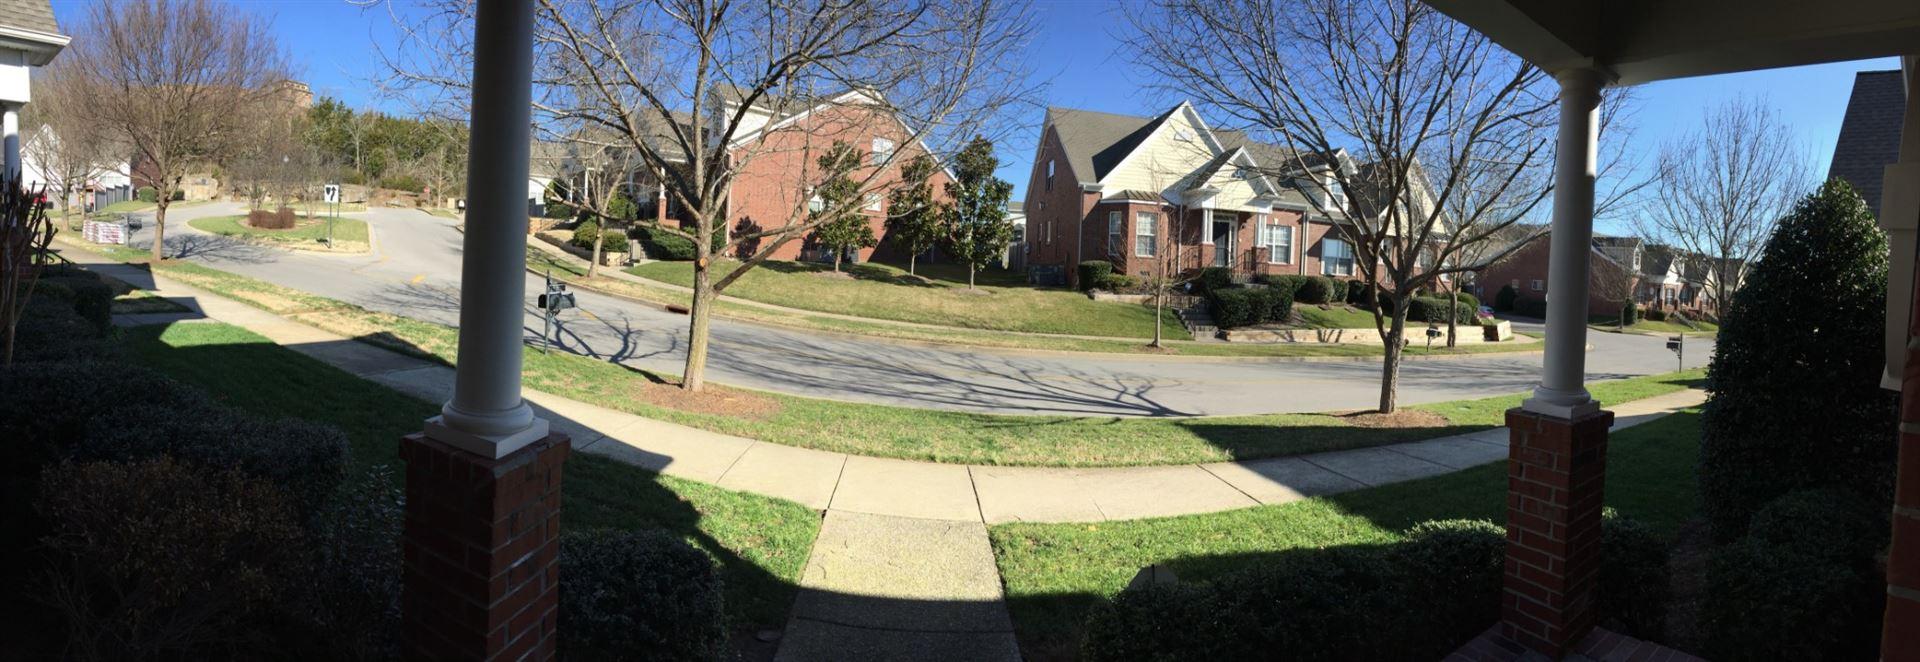 Photo of 1315 Decatur Cir, Franklin, TN 37067 (MLS # 2220622)